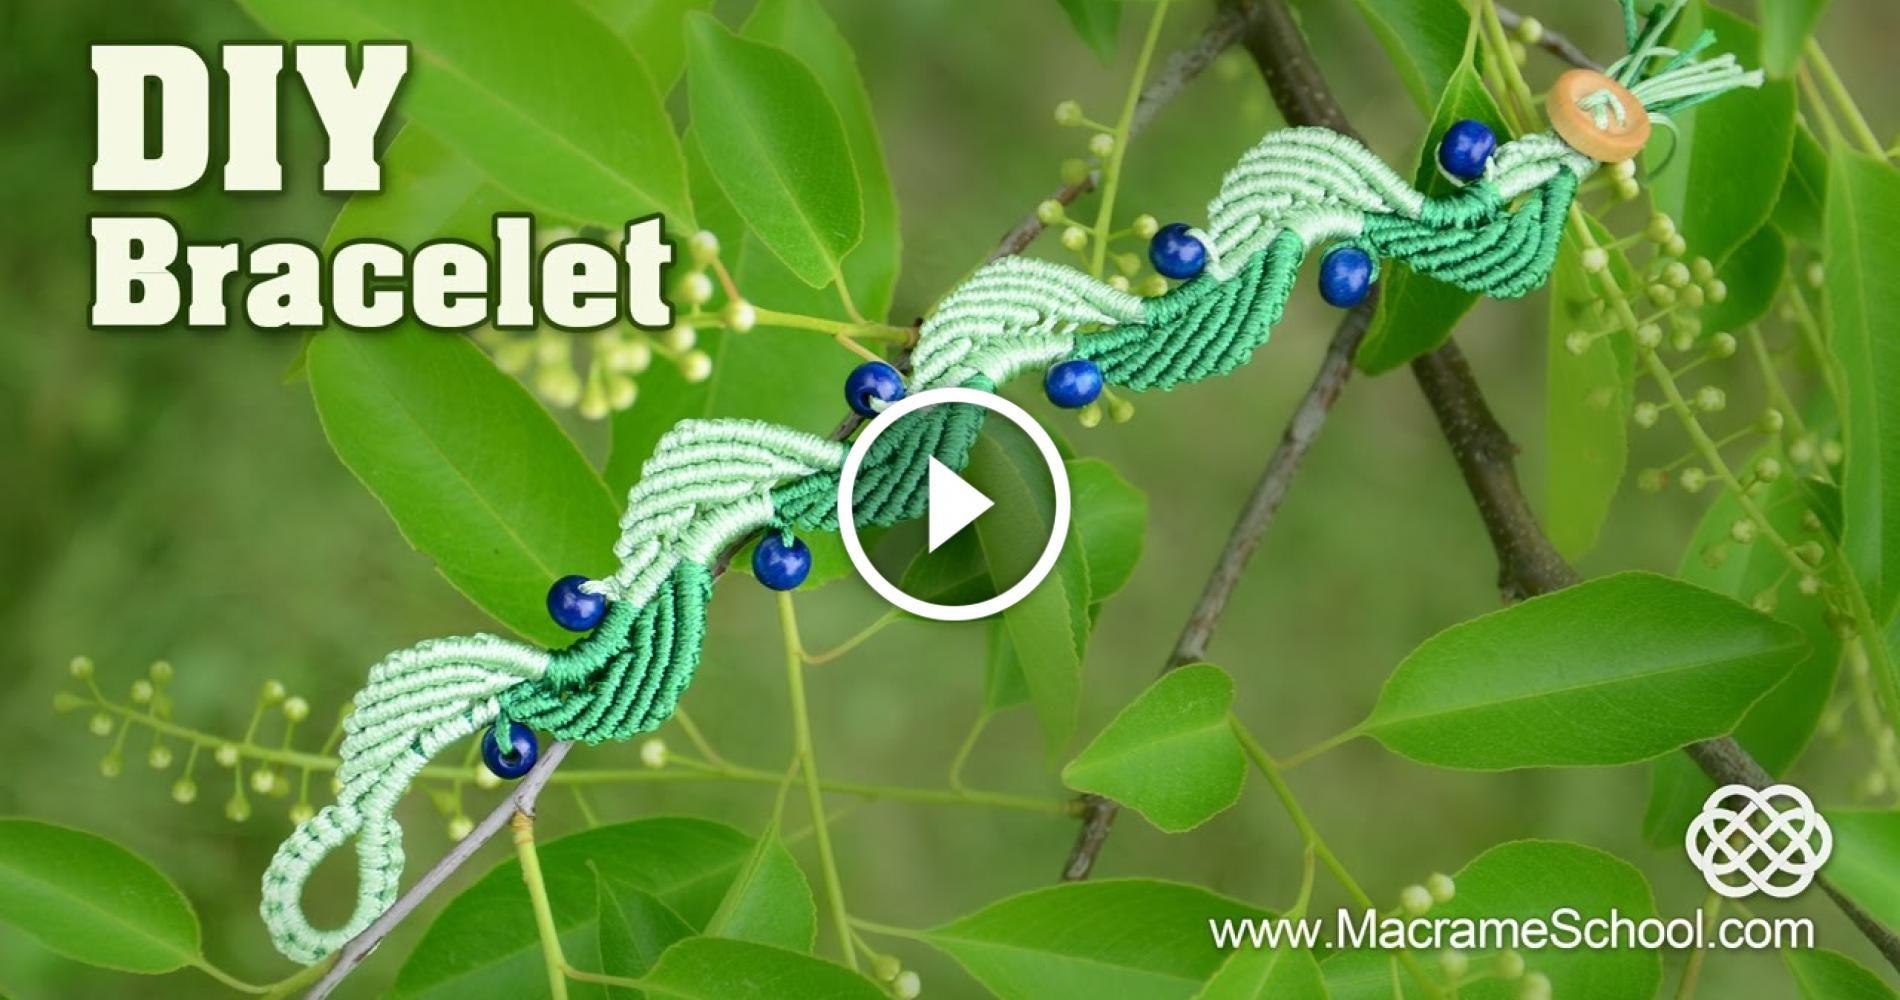 Rieccomi qui , ciao a tutti ,oggi girando tra i tutorial ho trovato questo braccialetto in macrame in 2 colori , 2 toni di verde molto piacevole .